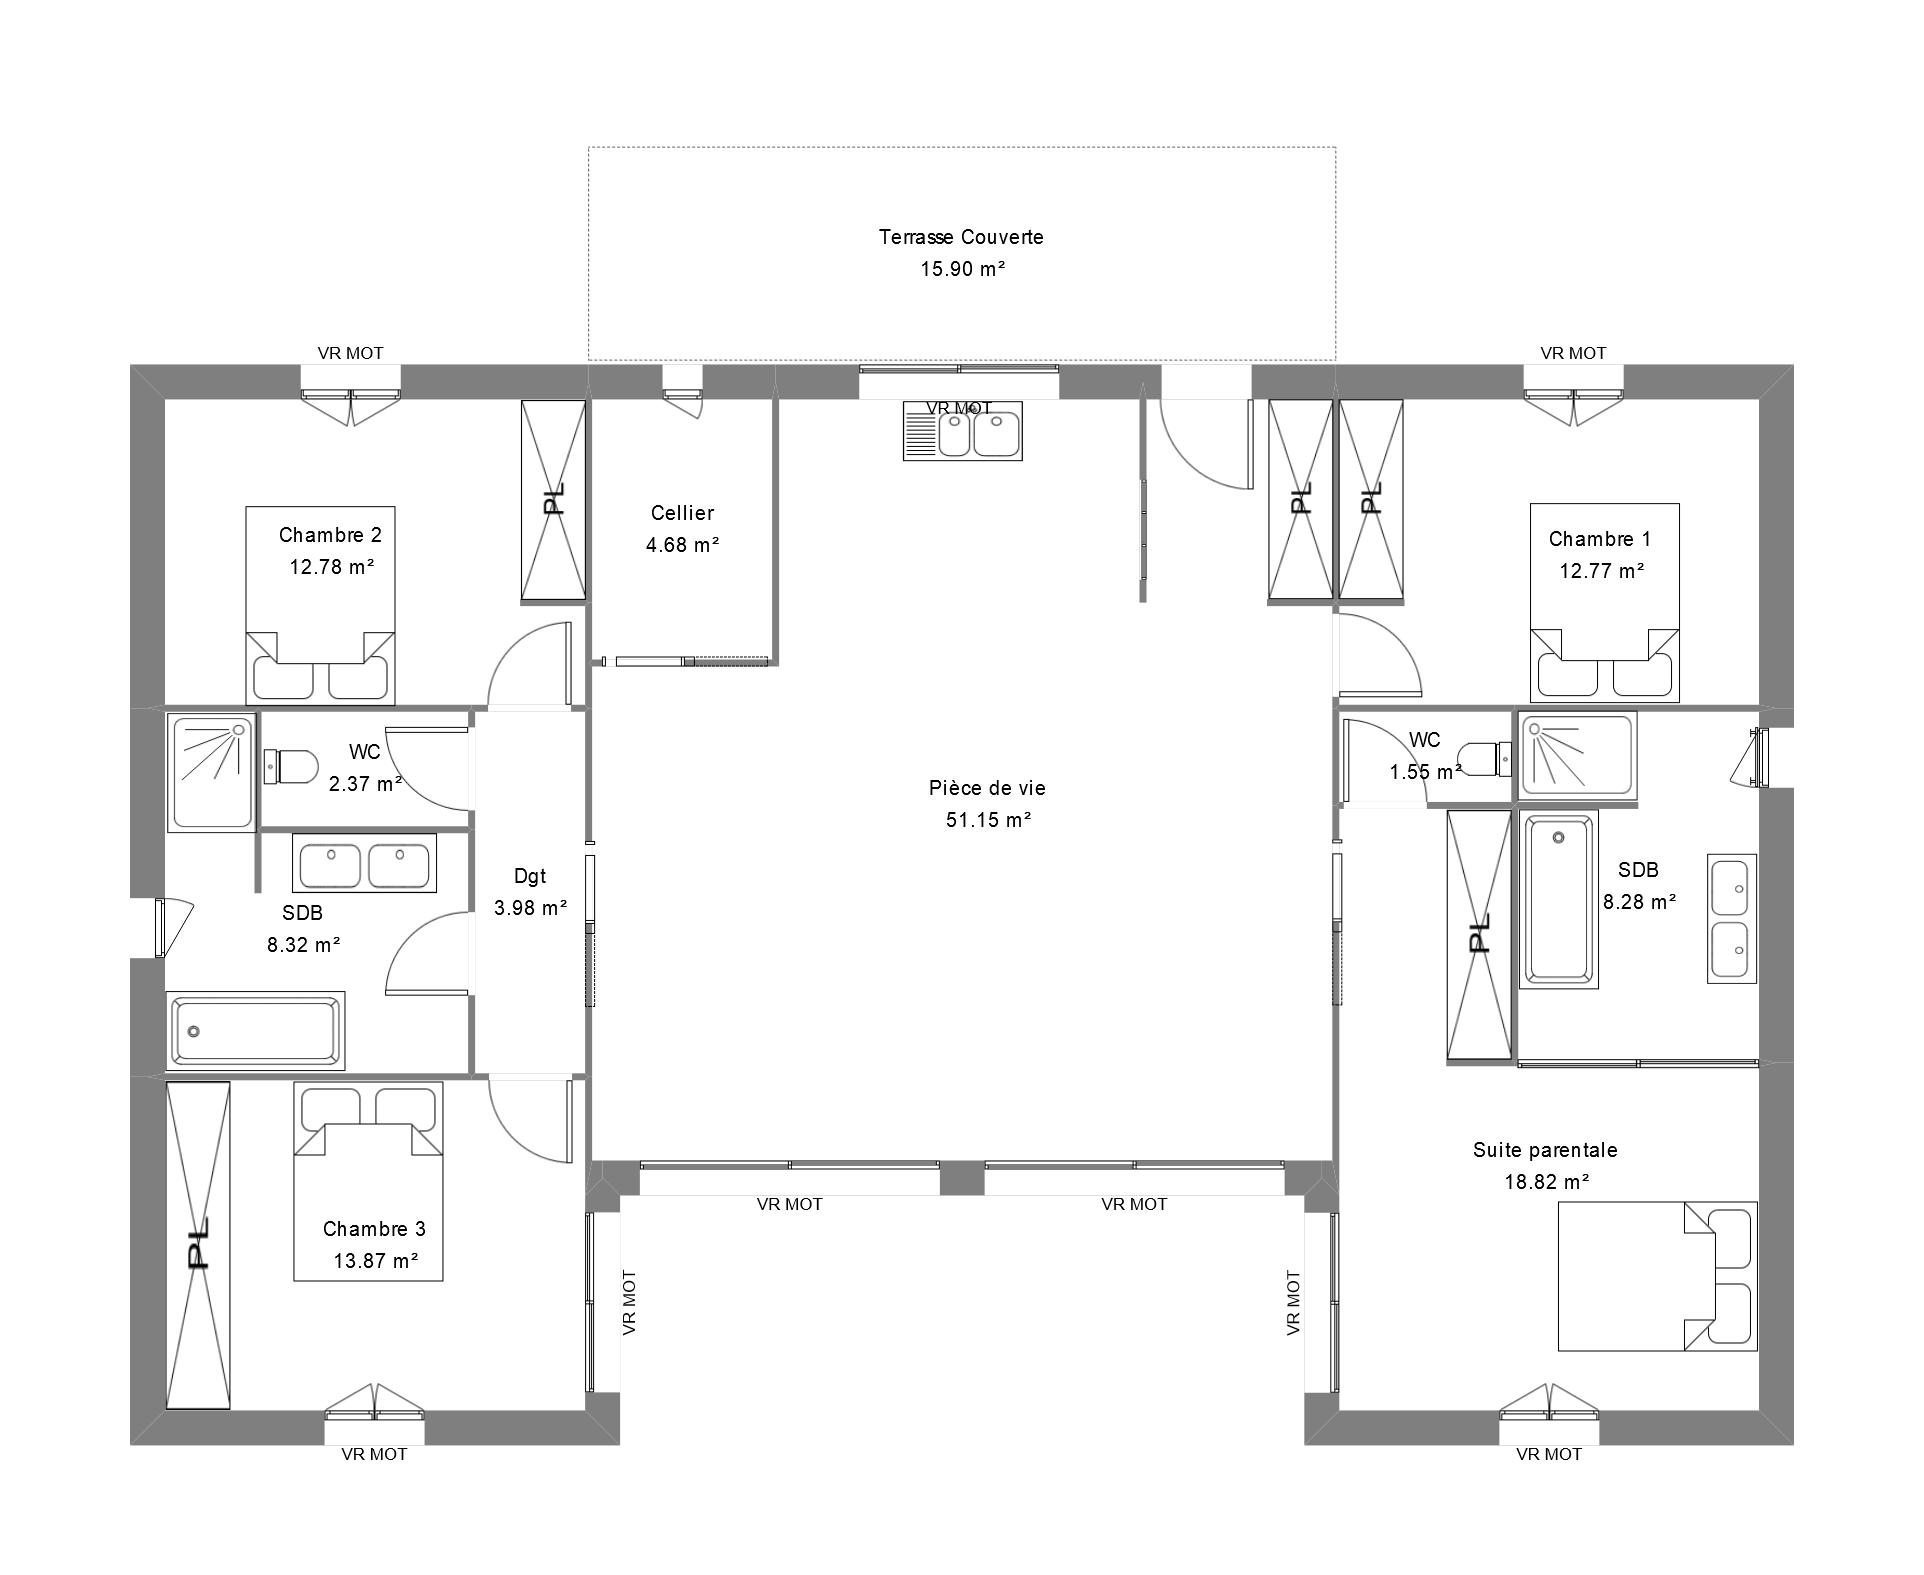 Plan maison 4 chambres avec suite parentale